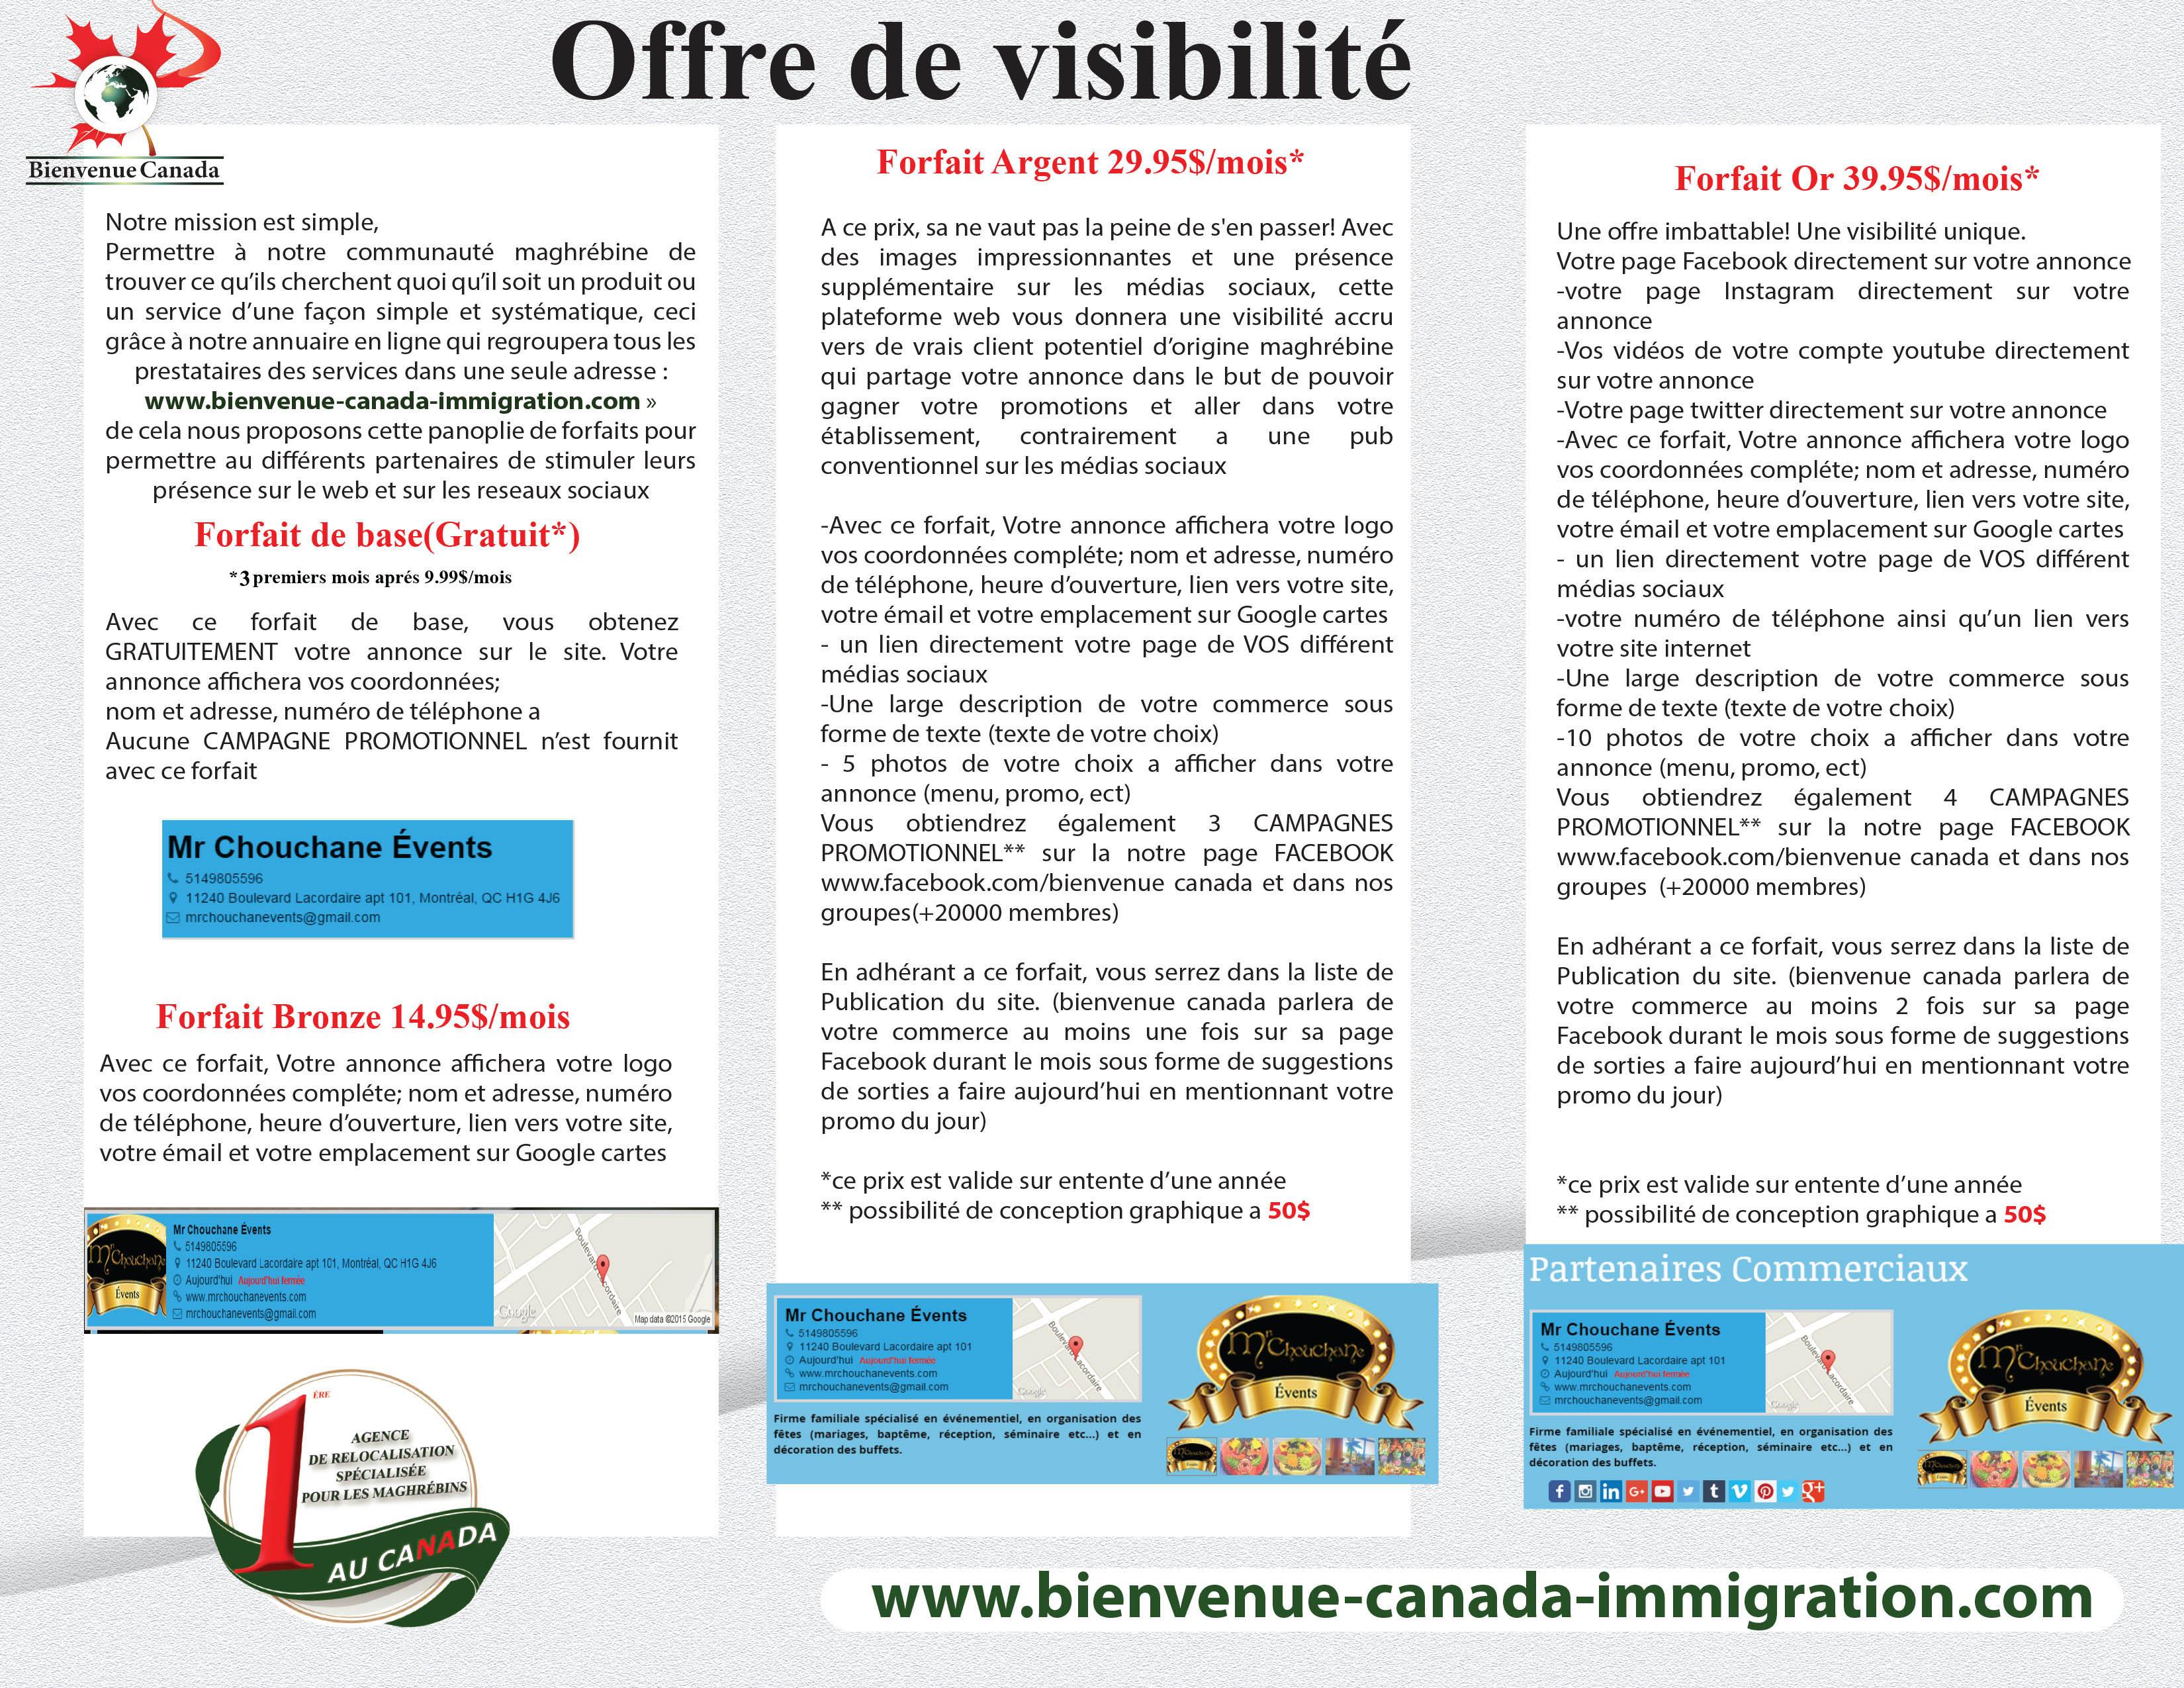 plan_de_visibilité